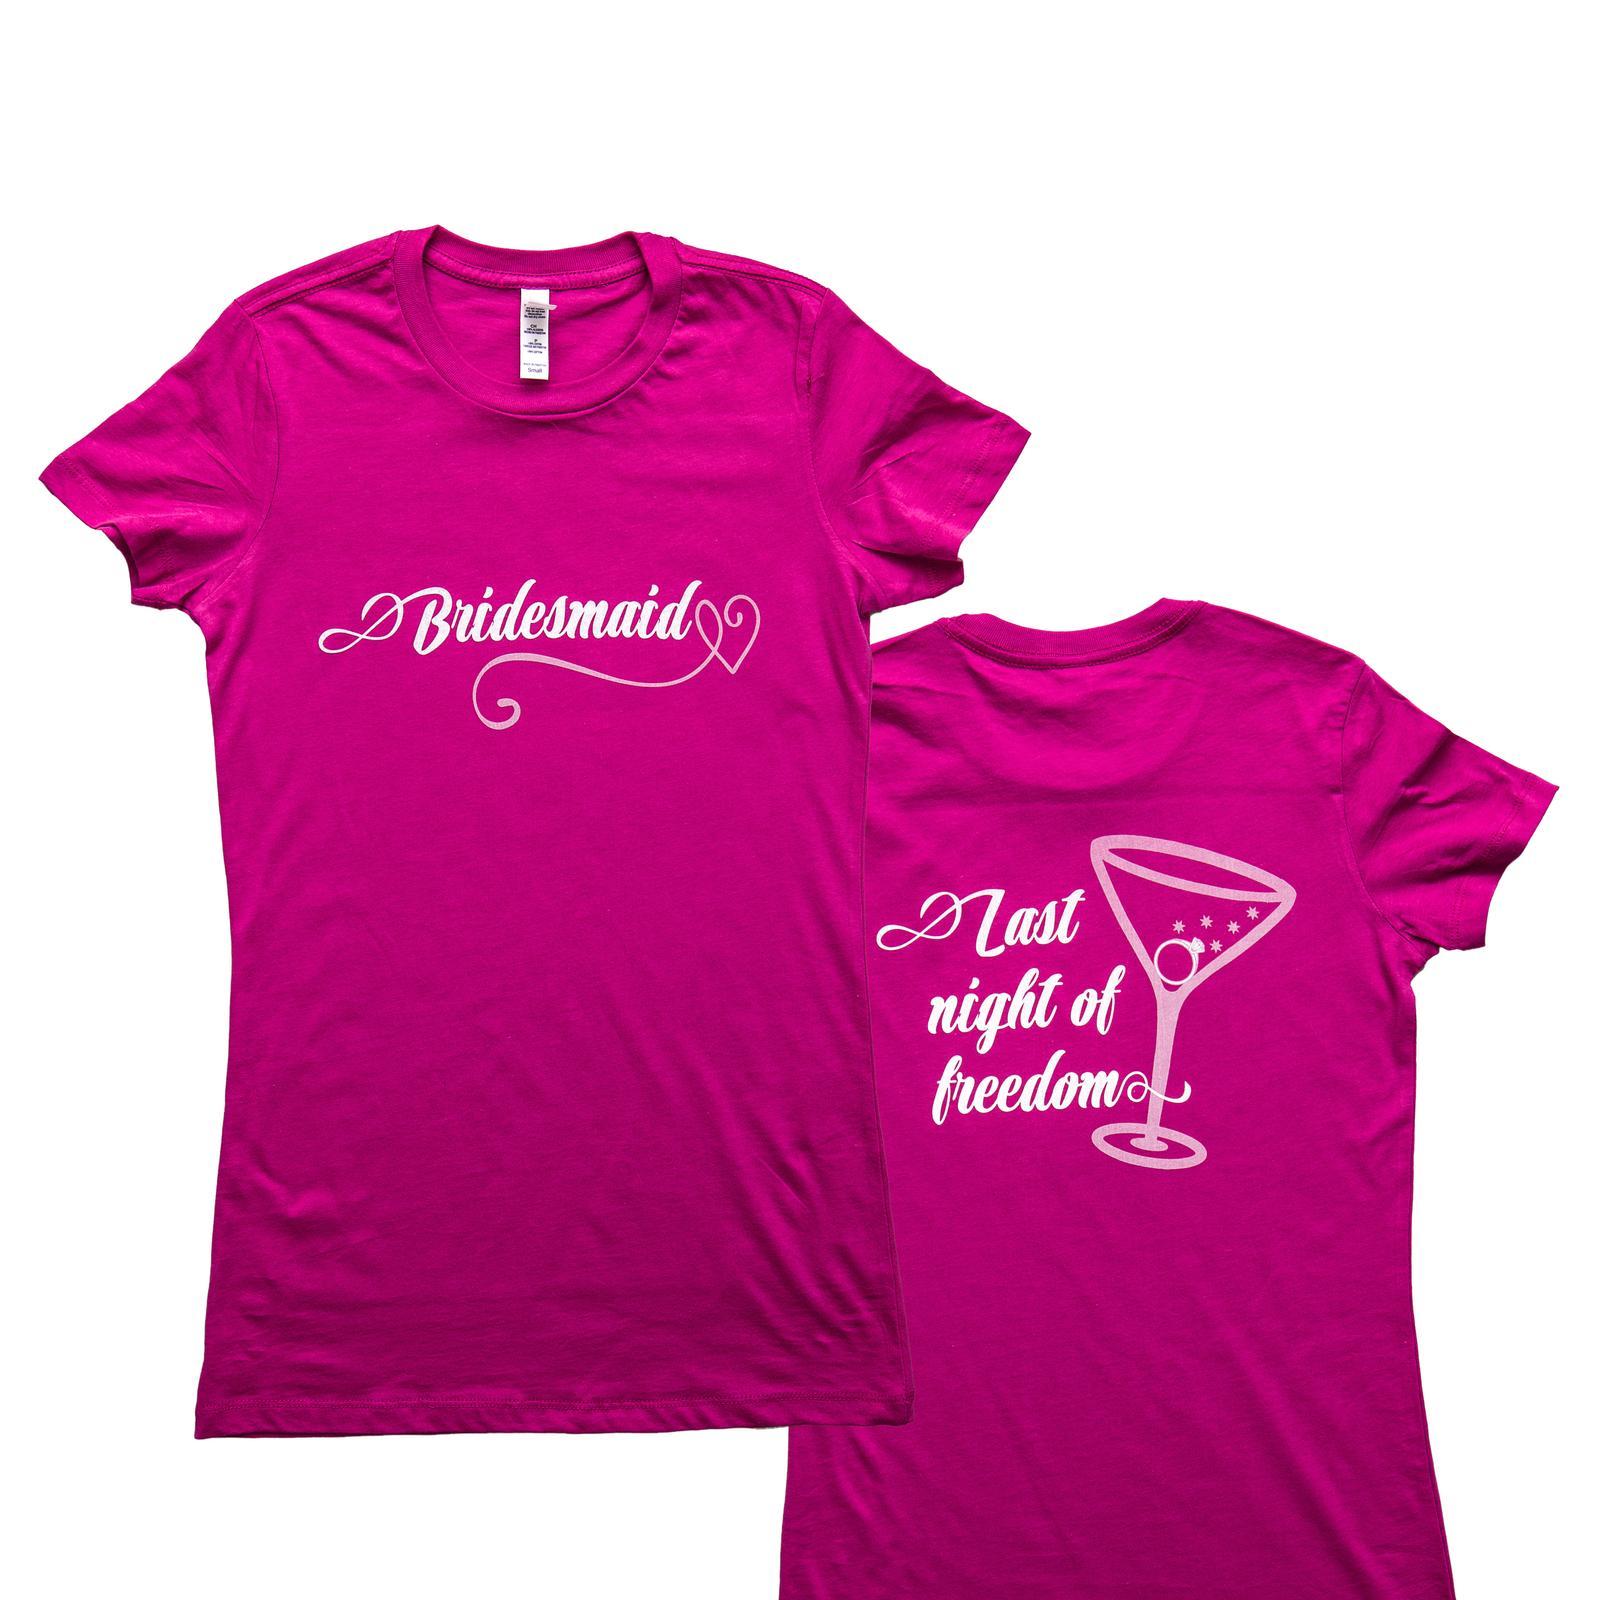 Nevestička a Ženích ♥ - trička na želanie podľa vlastných predstáv - Tričká na rozlúčku so slobodou